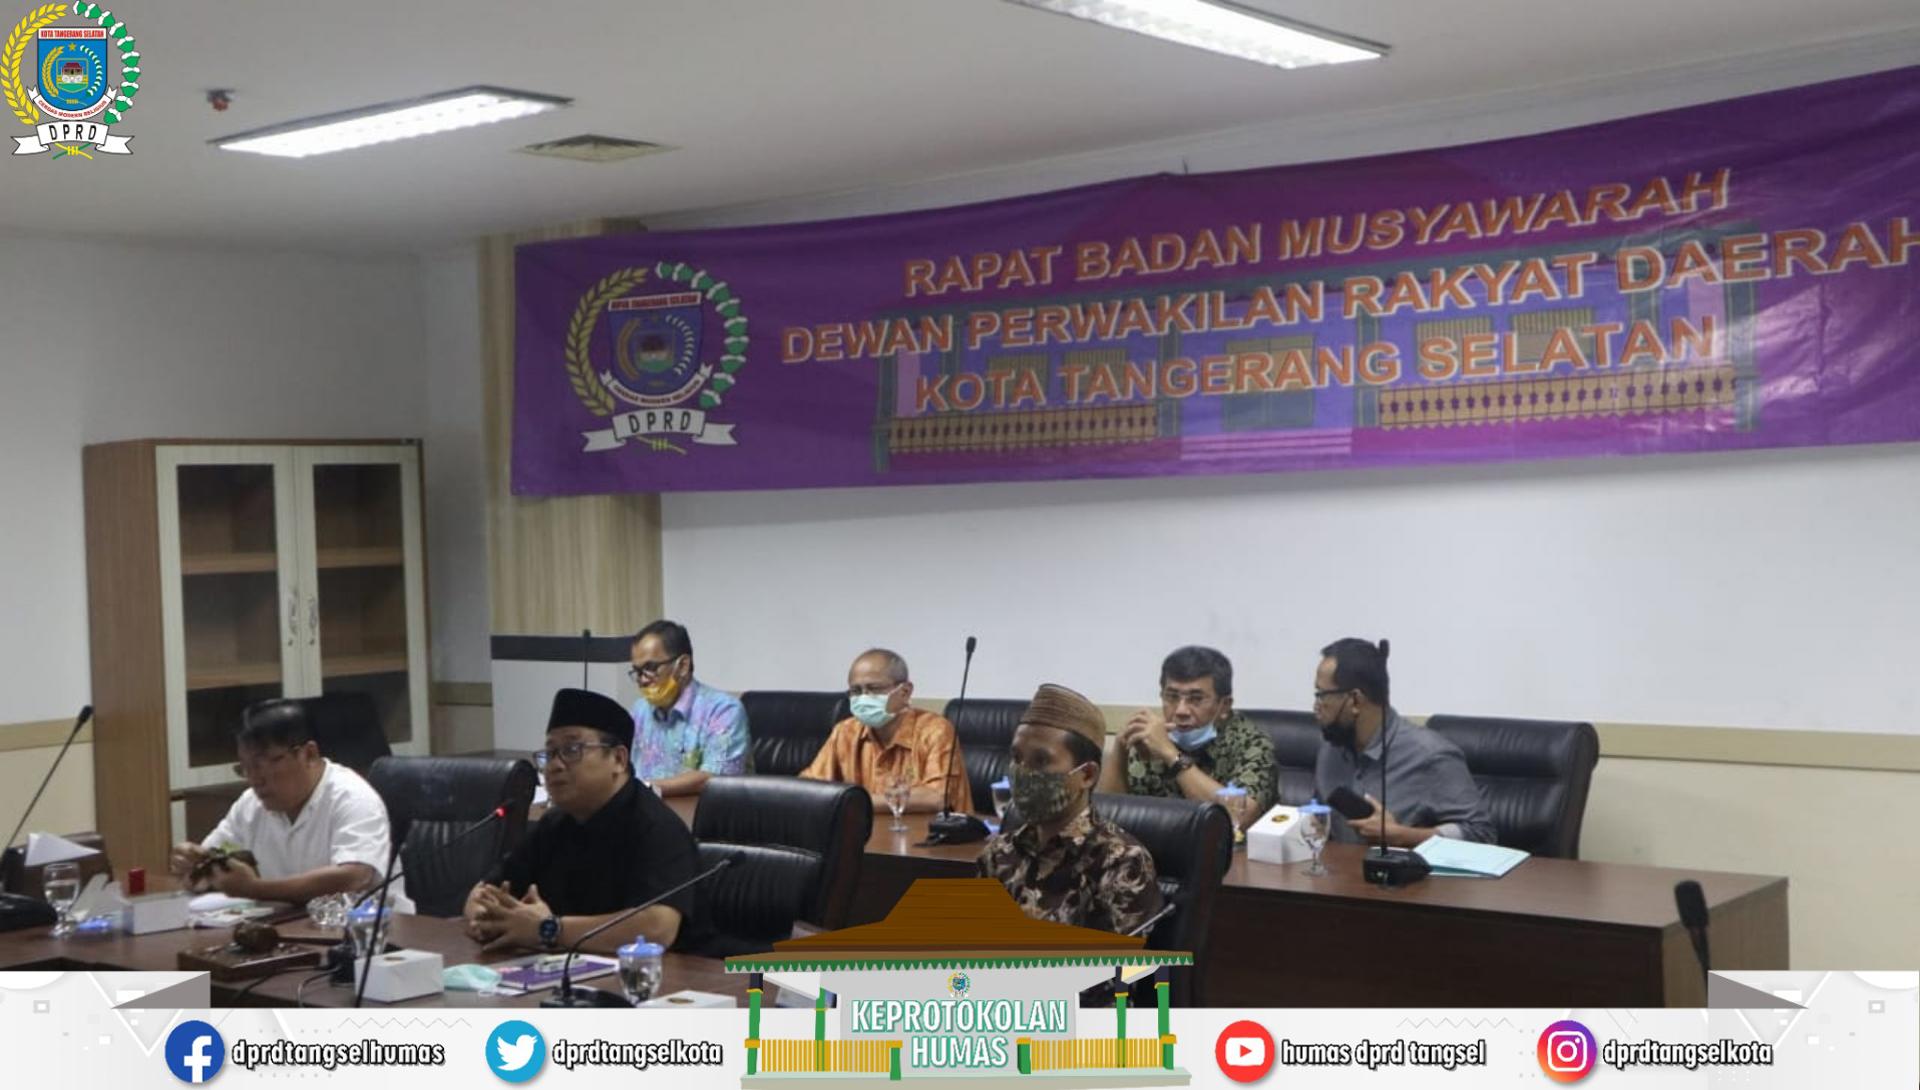 Badan Musyawarah Gelar Rapat Penjadwalan Alat Kelengkapan Dewan